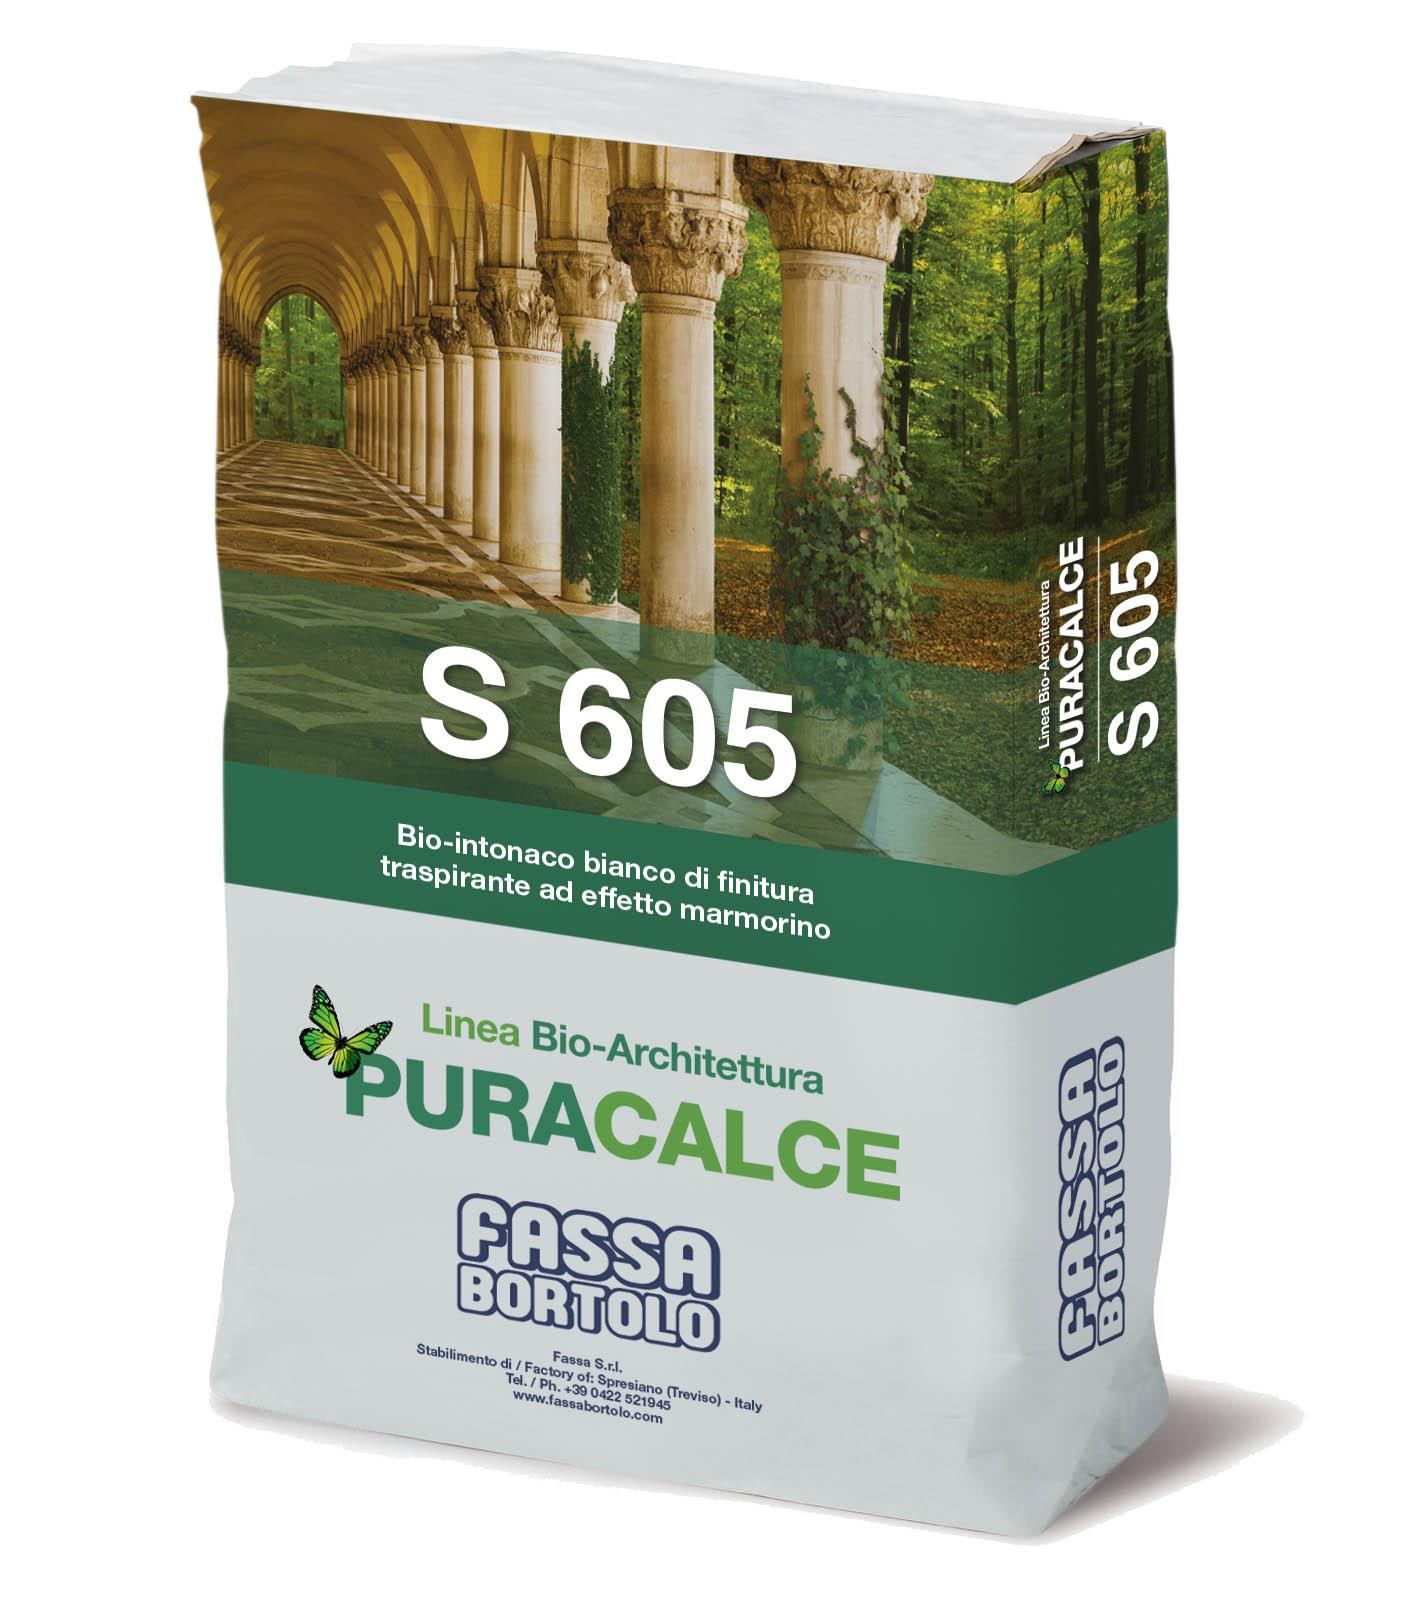 S 605: Enduit de finition naturel blanc, respirtan et à effet marbré, pour l'intérieur et l'extérieur